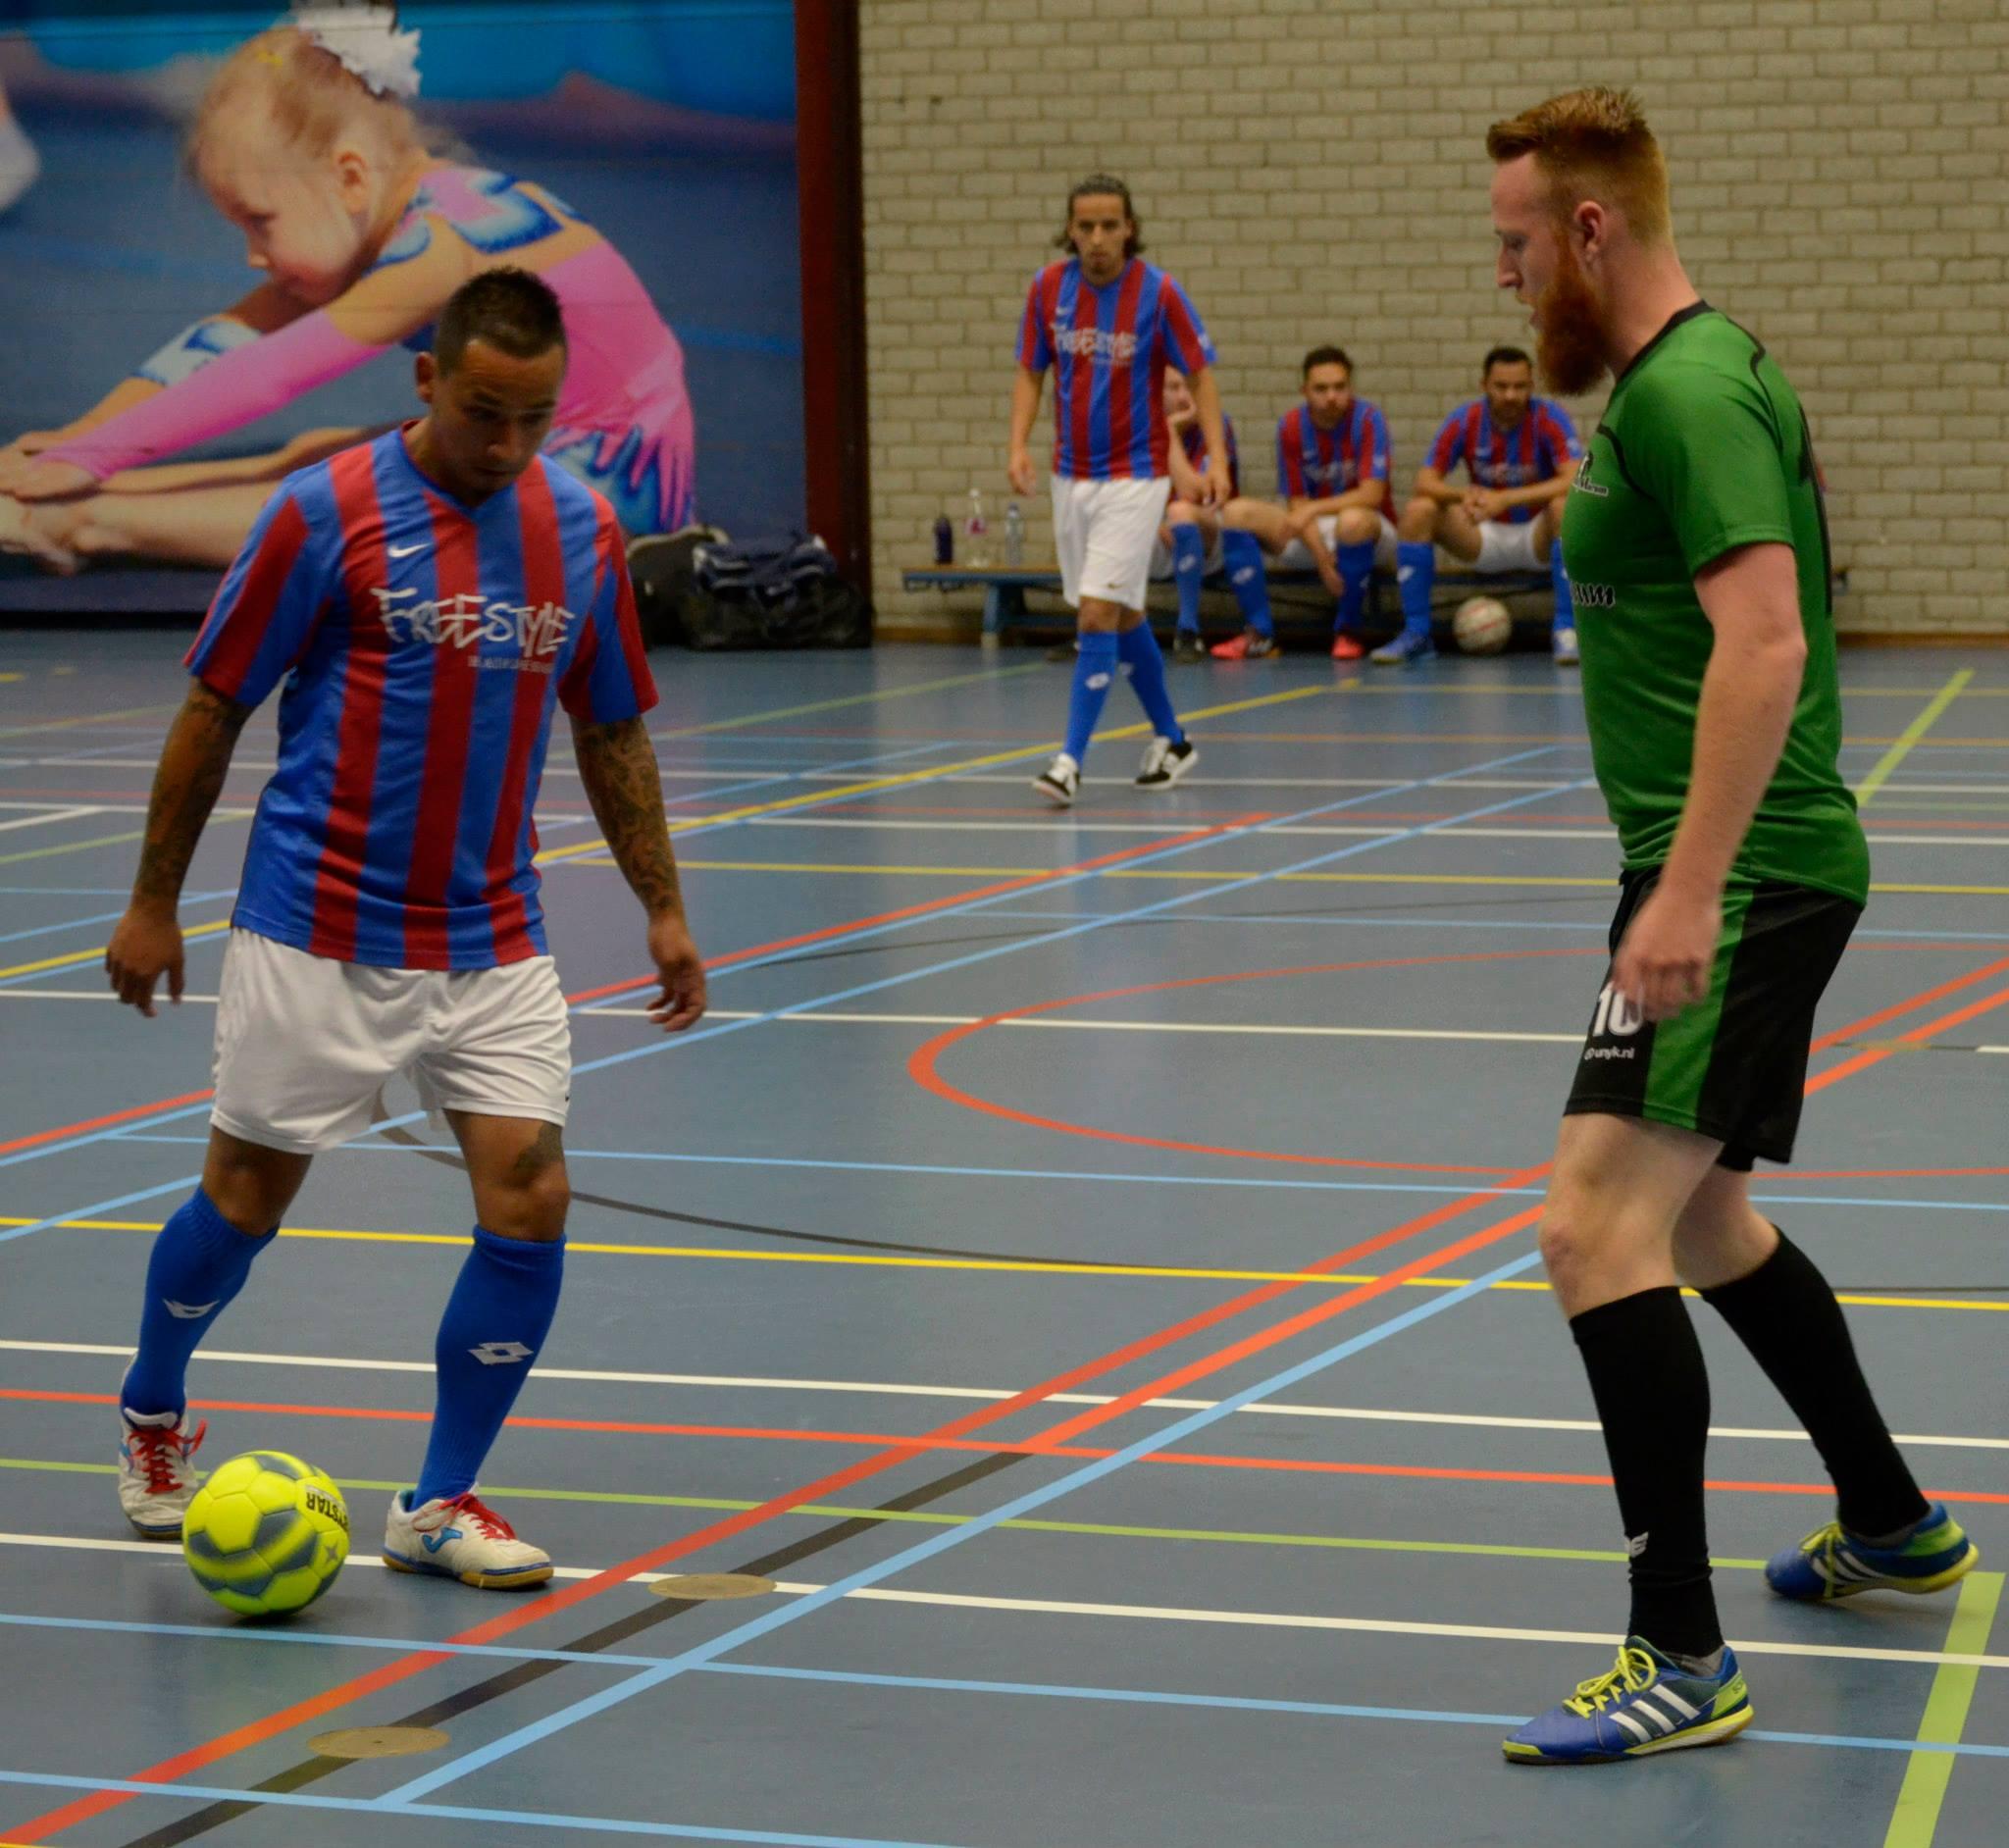 Vrijdag kraker in de Holten: Koploper Futsal Marum tegen nummer twee Winsum